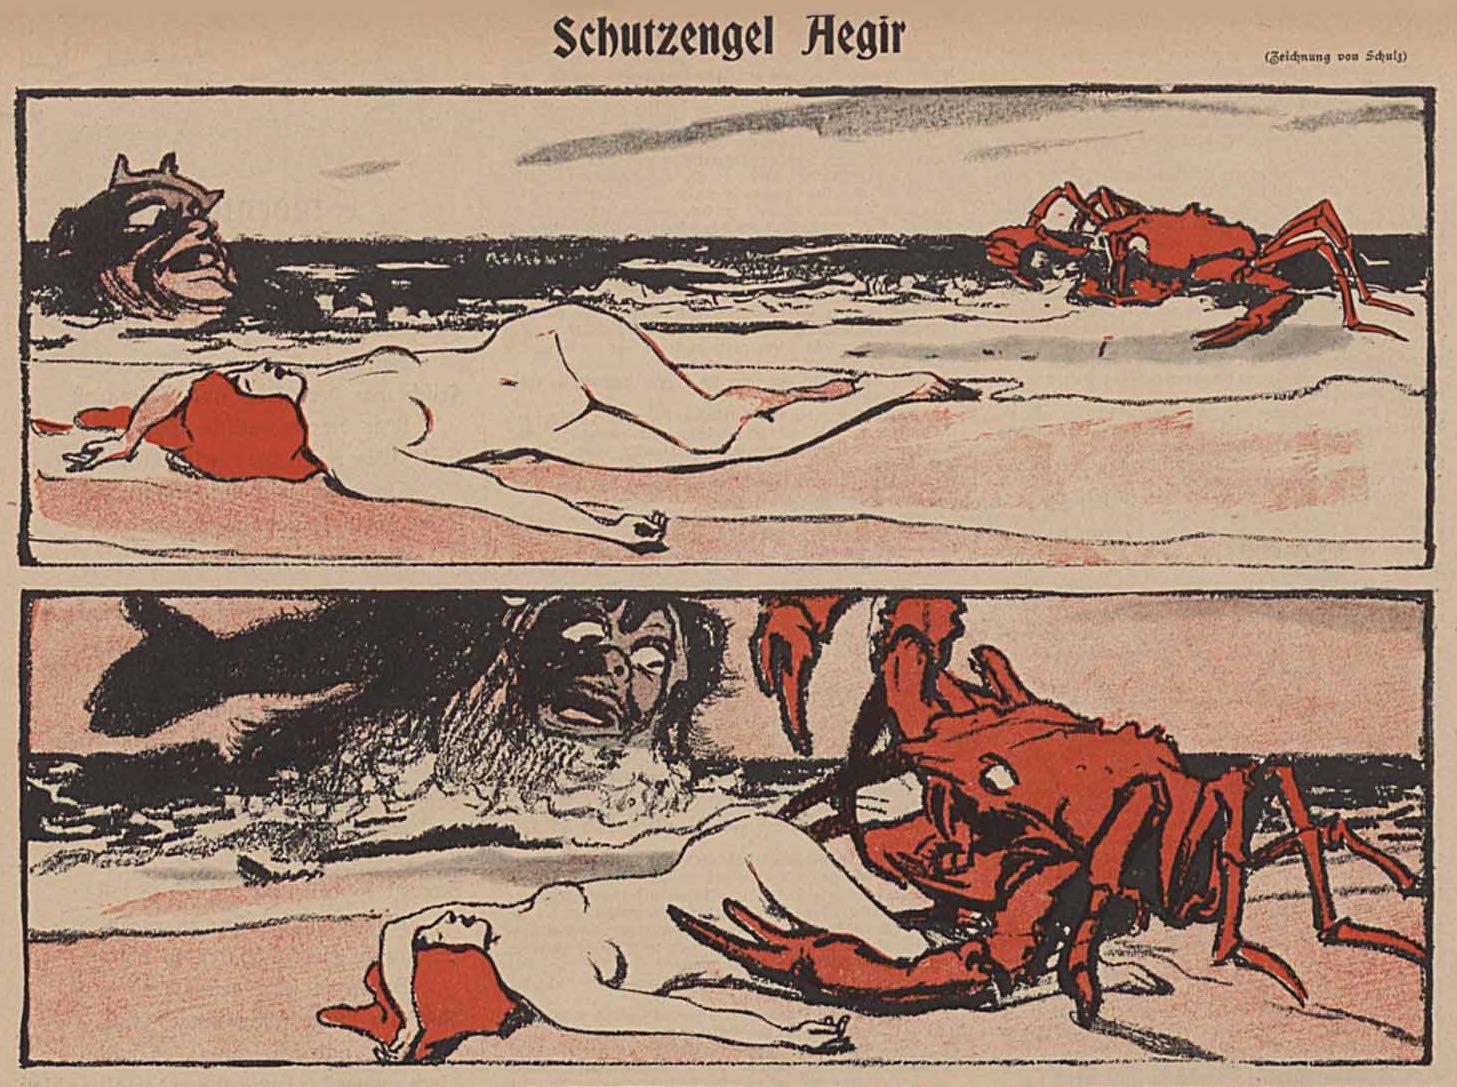 Une histoire muette en images par Wilhelm Schulz, dans Simplicissimus.